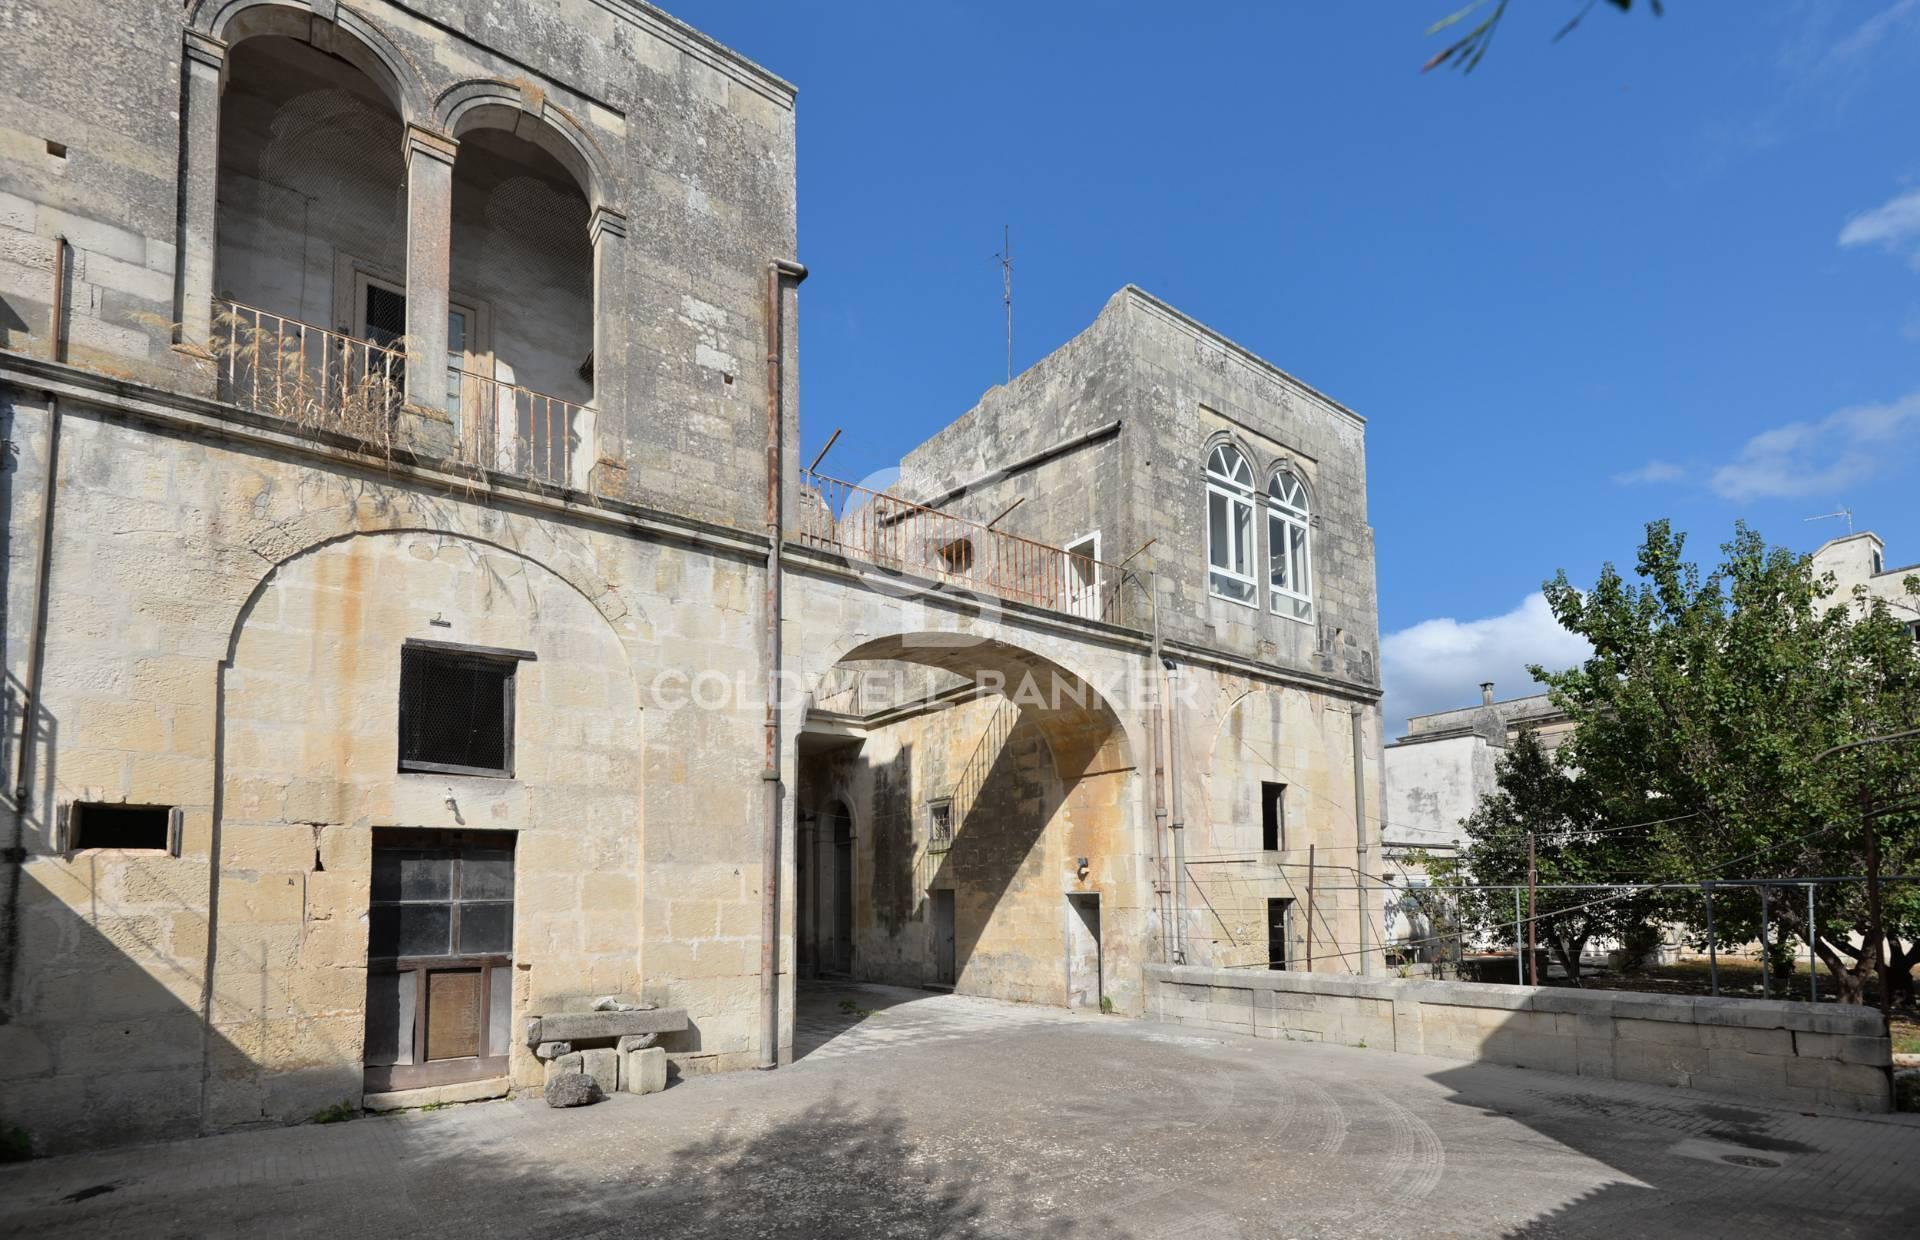 Stabile Intero - Palazzo, 350 Mq, Vendita - Maglie (LE)